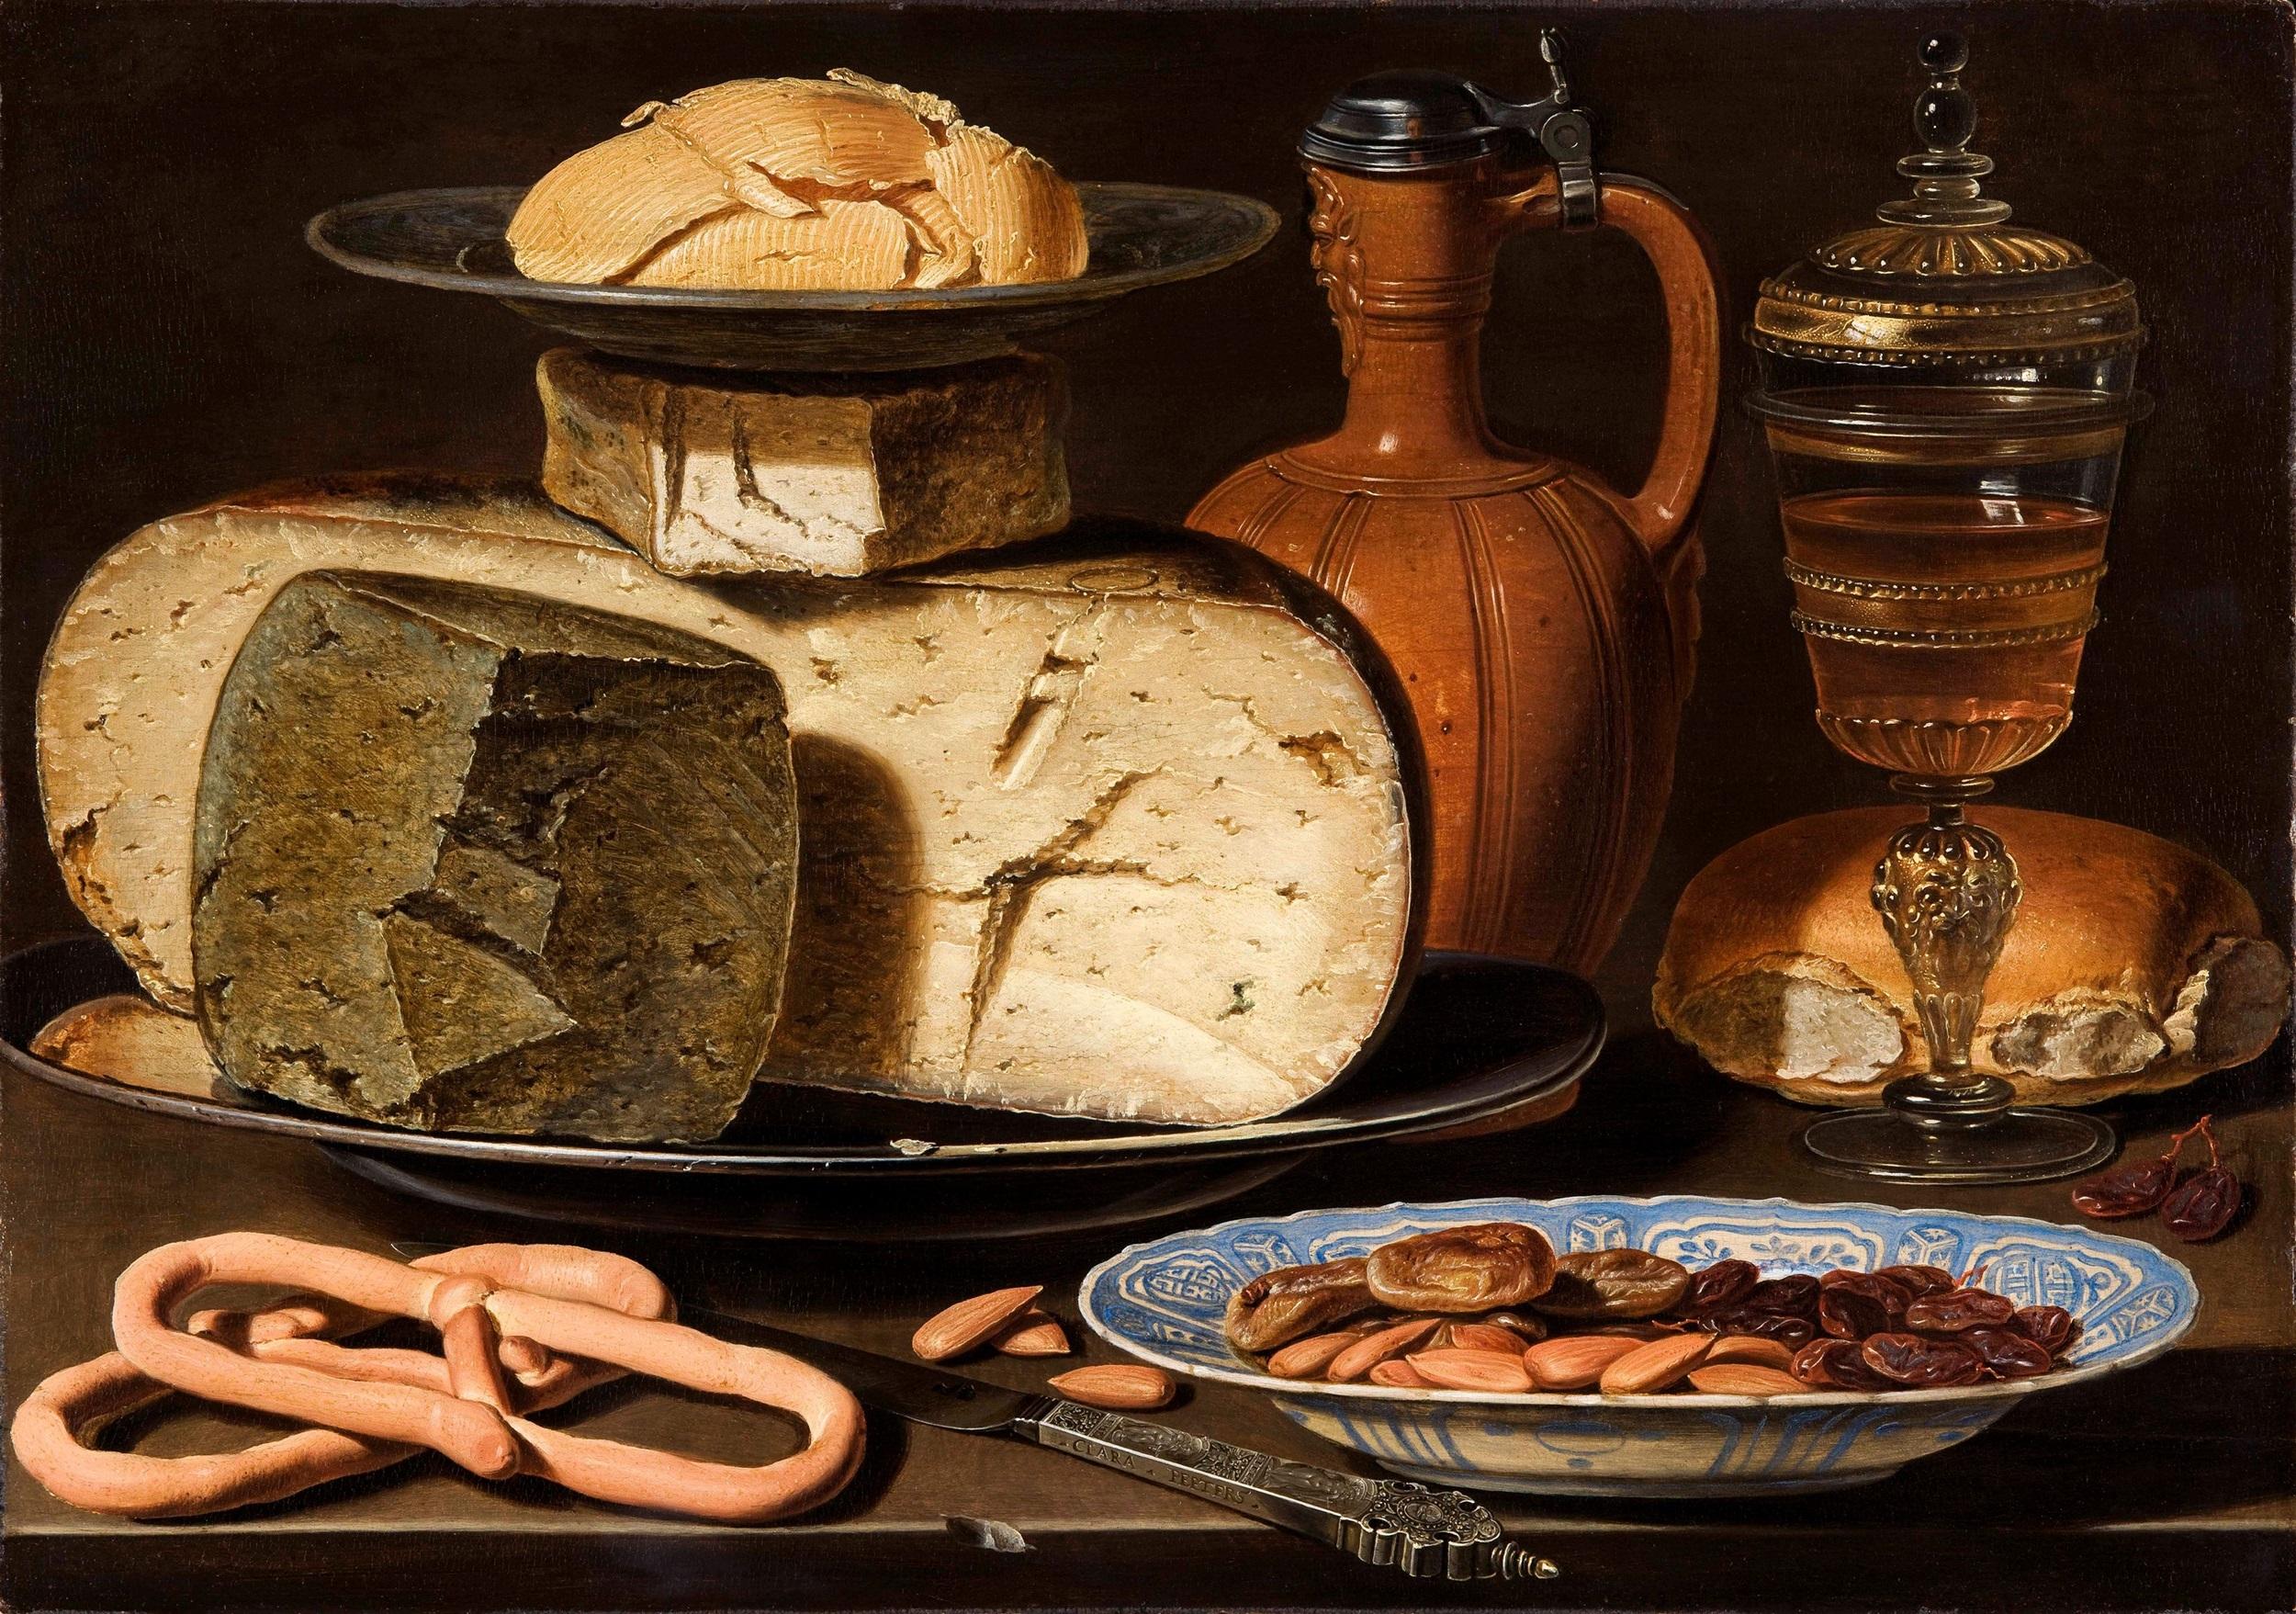 Clara Peeters, Stilleven met kazen, brood en drinkgerei, c.1615